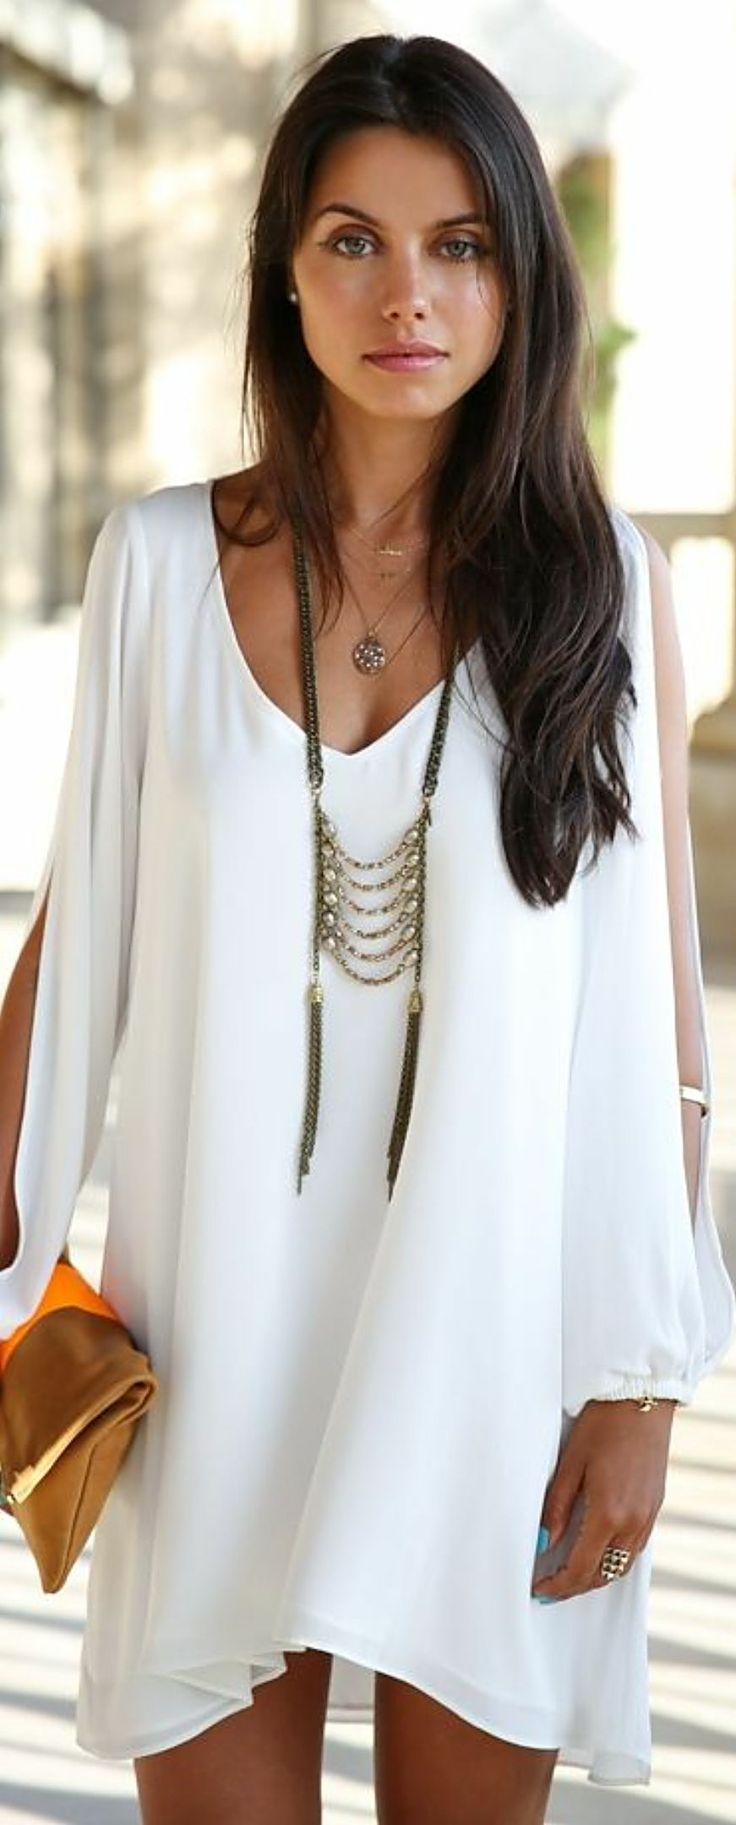 Chiffon relaxed mini loose fit dress white chiffon dresses